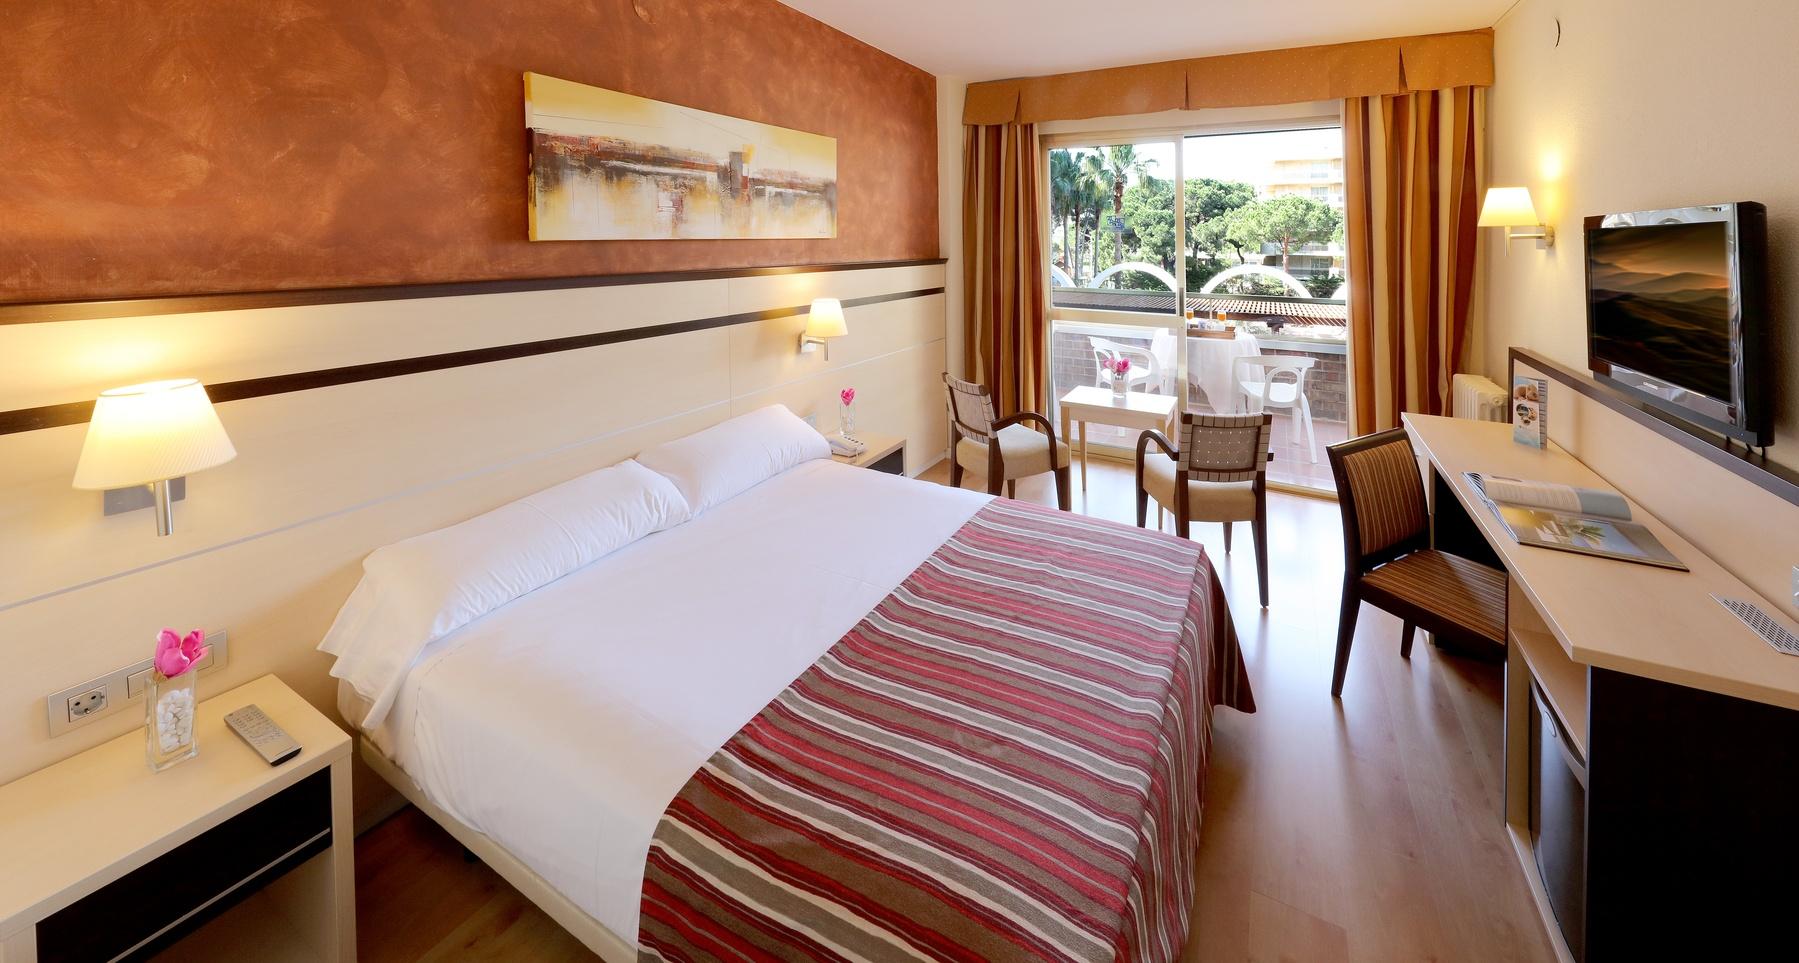 hotel con habitaciones familiares en salou costa dorada On habitaciones familiares salou